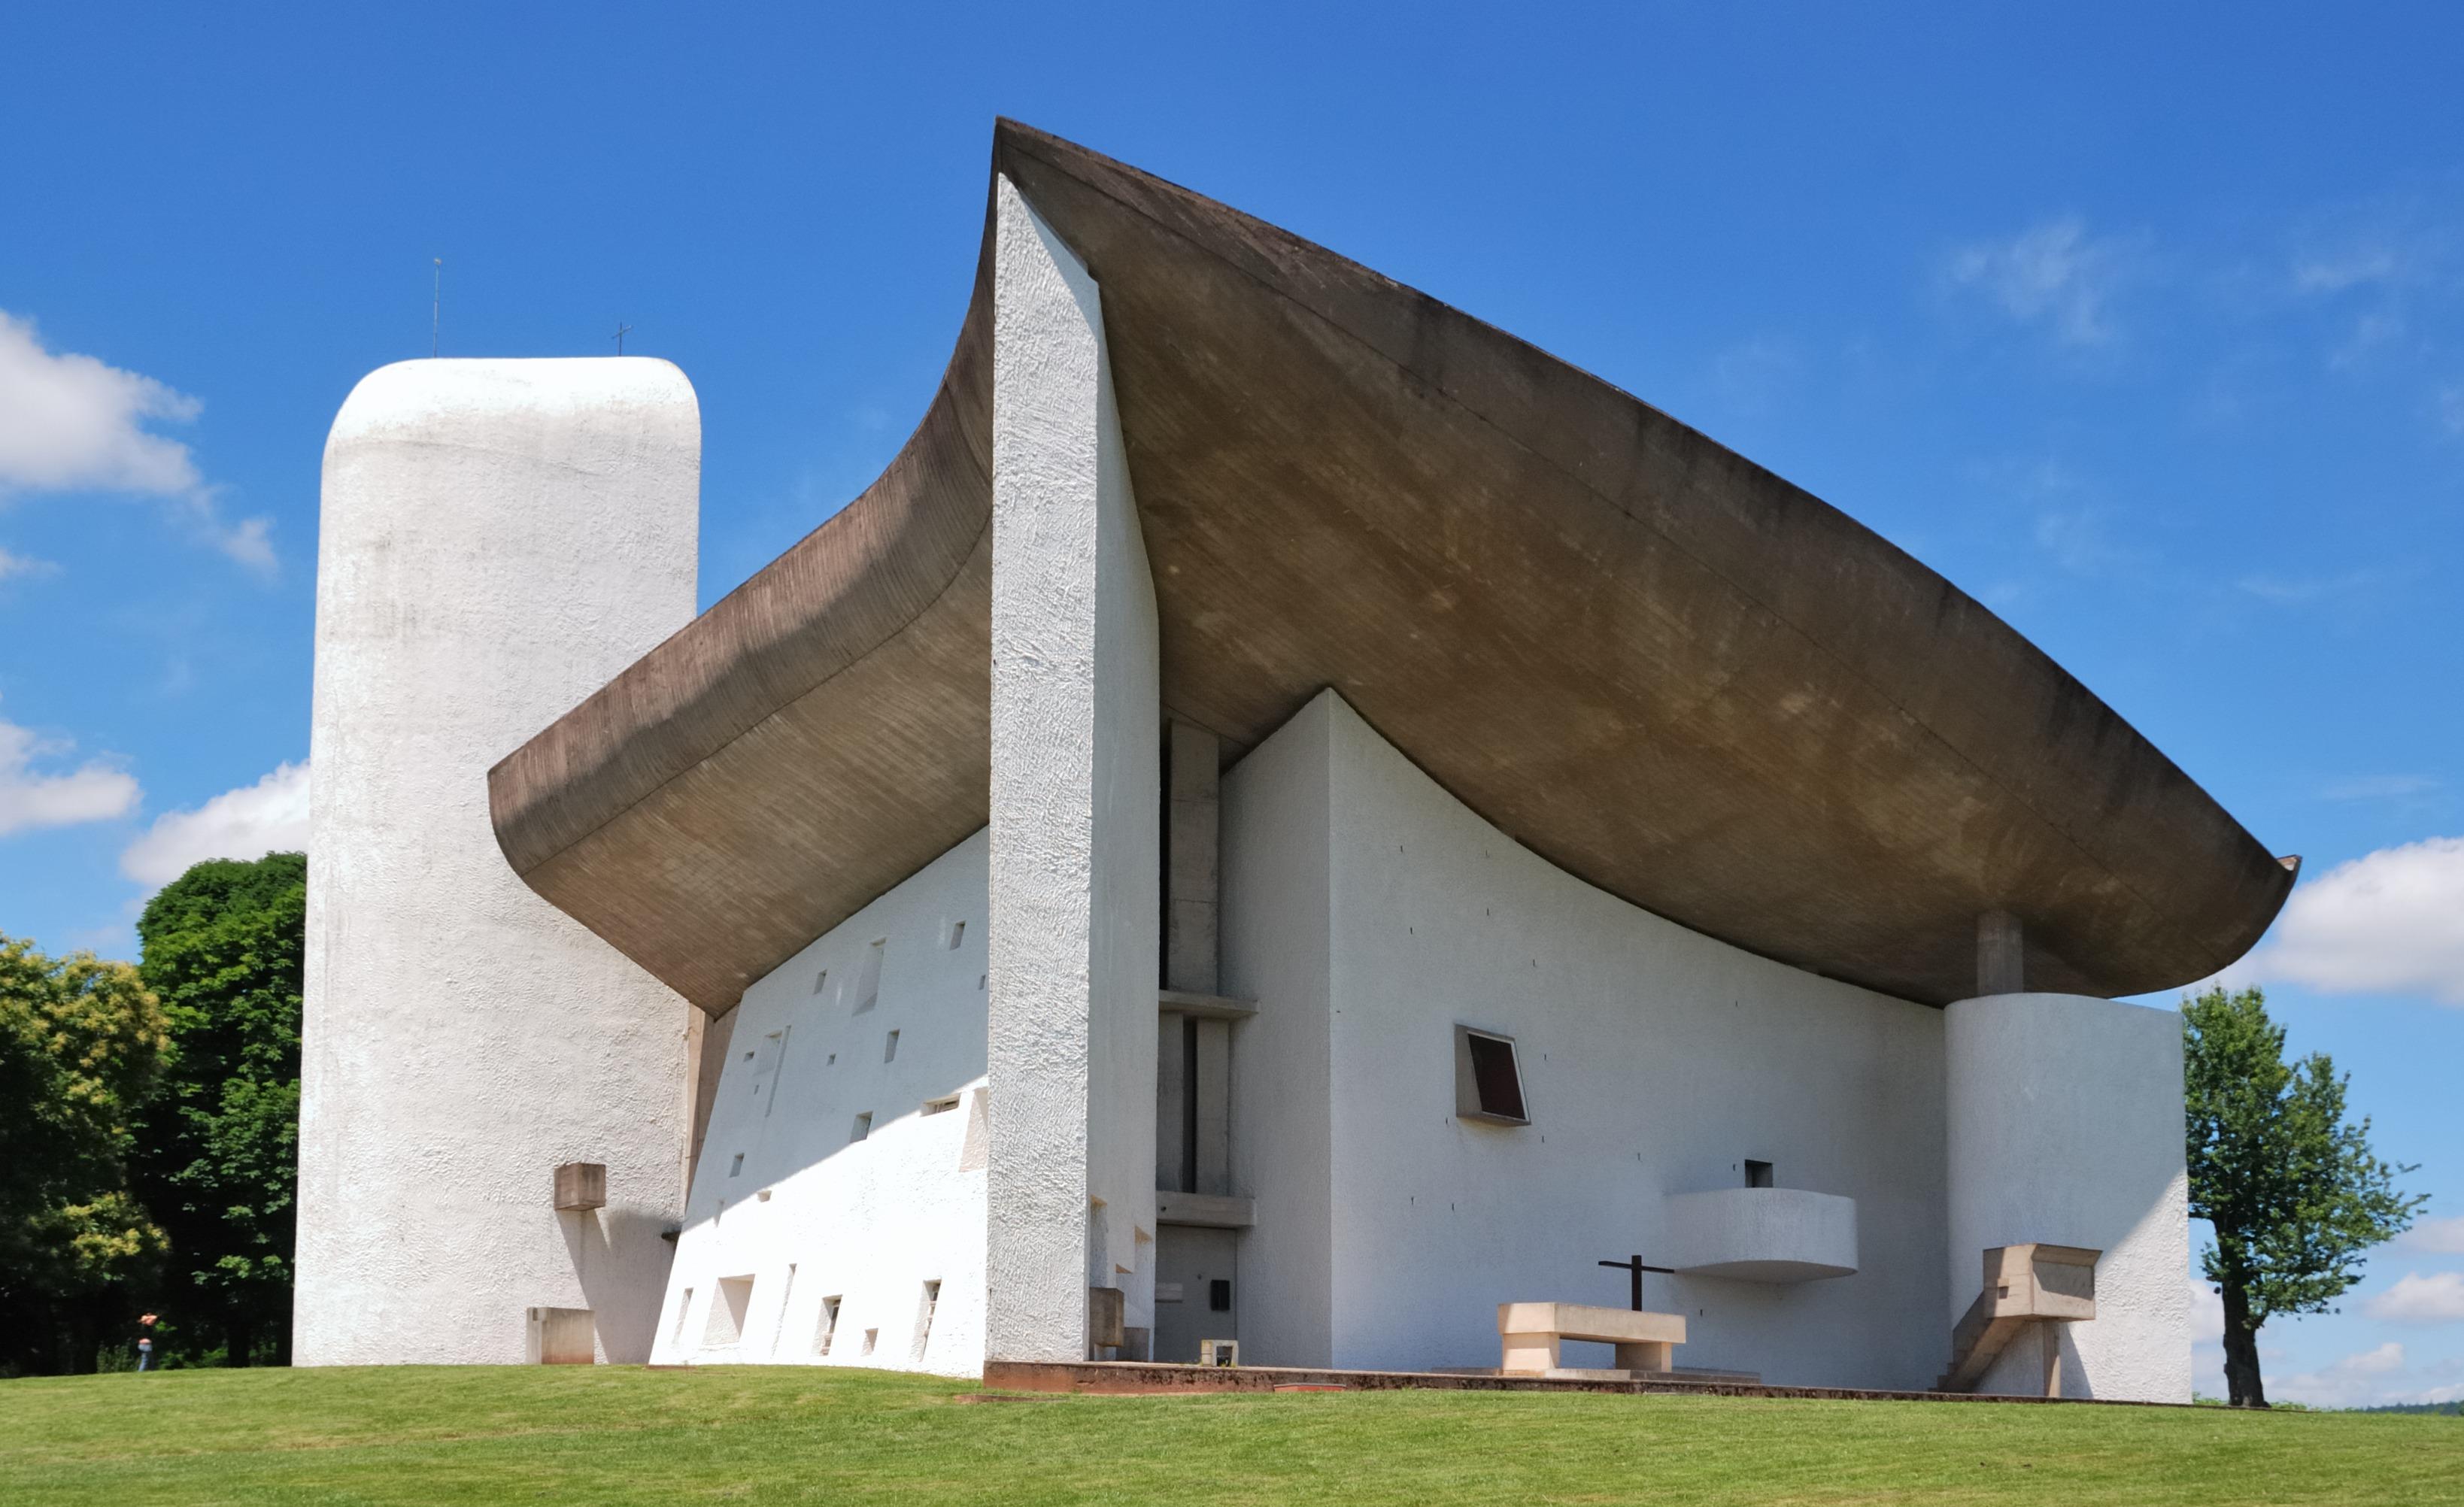 Notre-Dame-du-Haut in Ronchamps